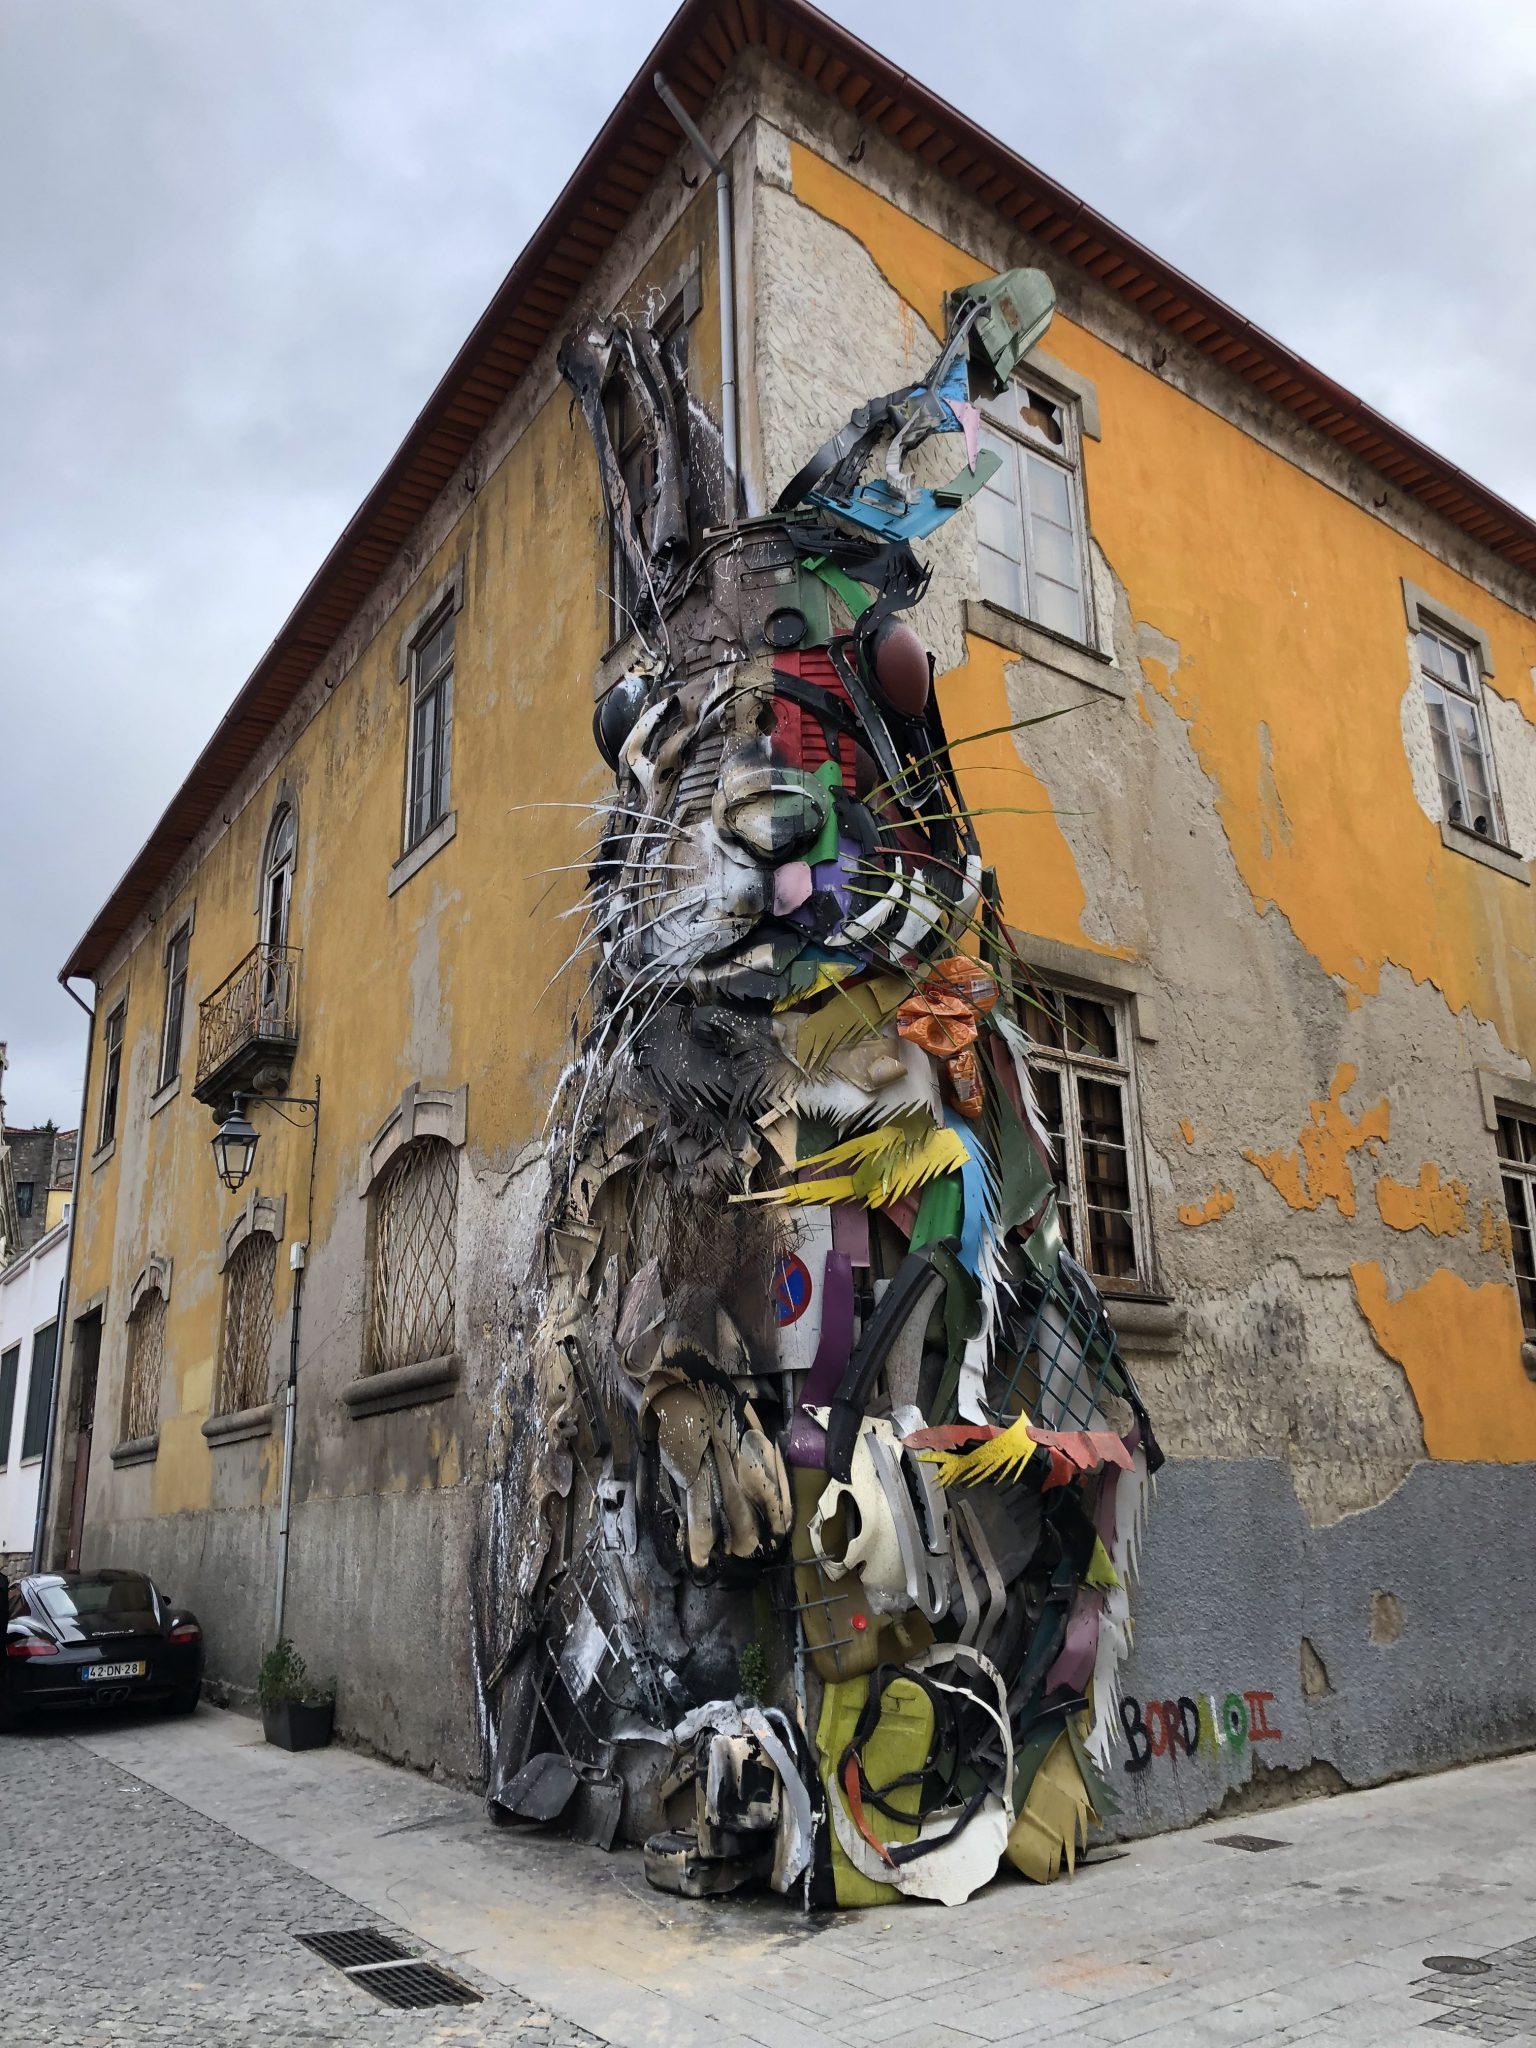 Dieses Werk stammt nicht von Chris Landrock, macht aber auch auf die Plastikmüllverschmutzung aufmerksam. Porto, Portugal (c) DM